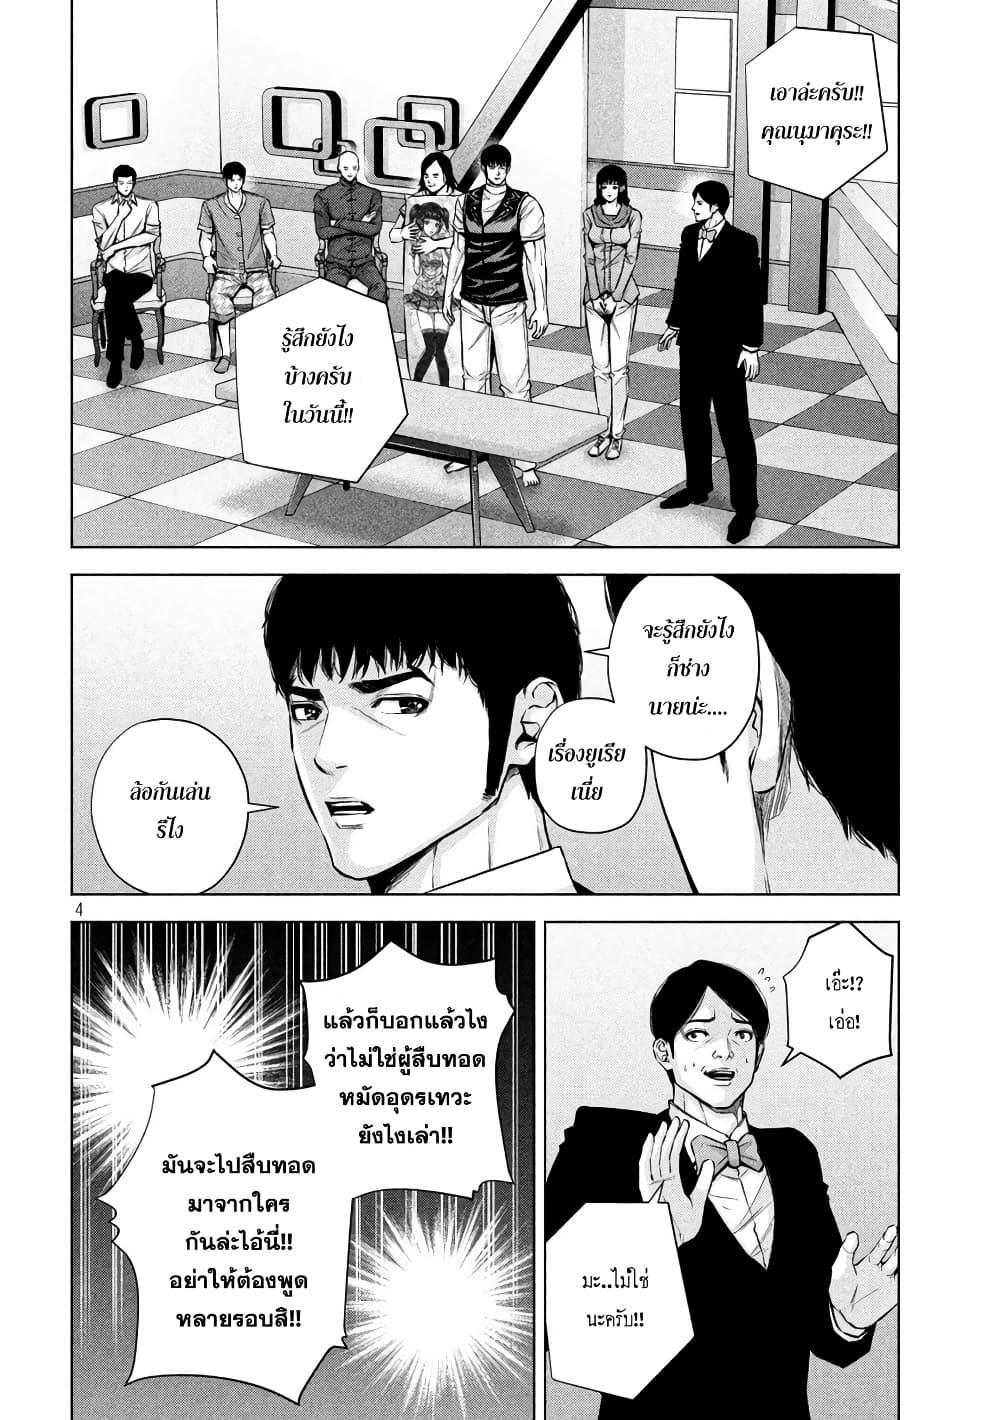 อ่านการ์ตูน Kenshirou ni Yoroshiku ตอนที่ 28 หน้าที่ 4